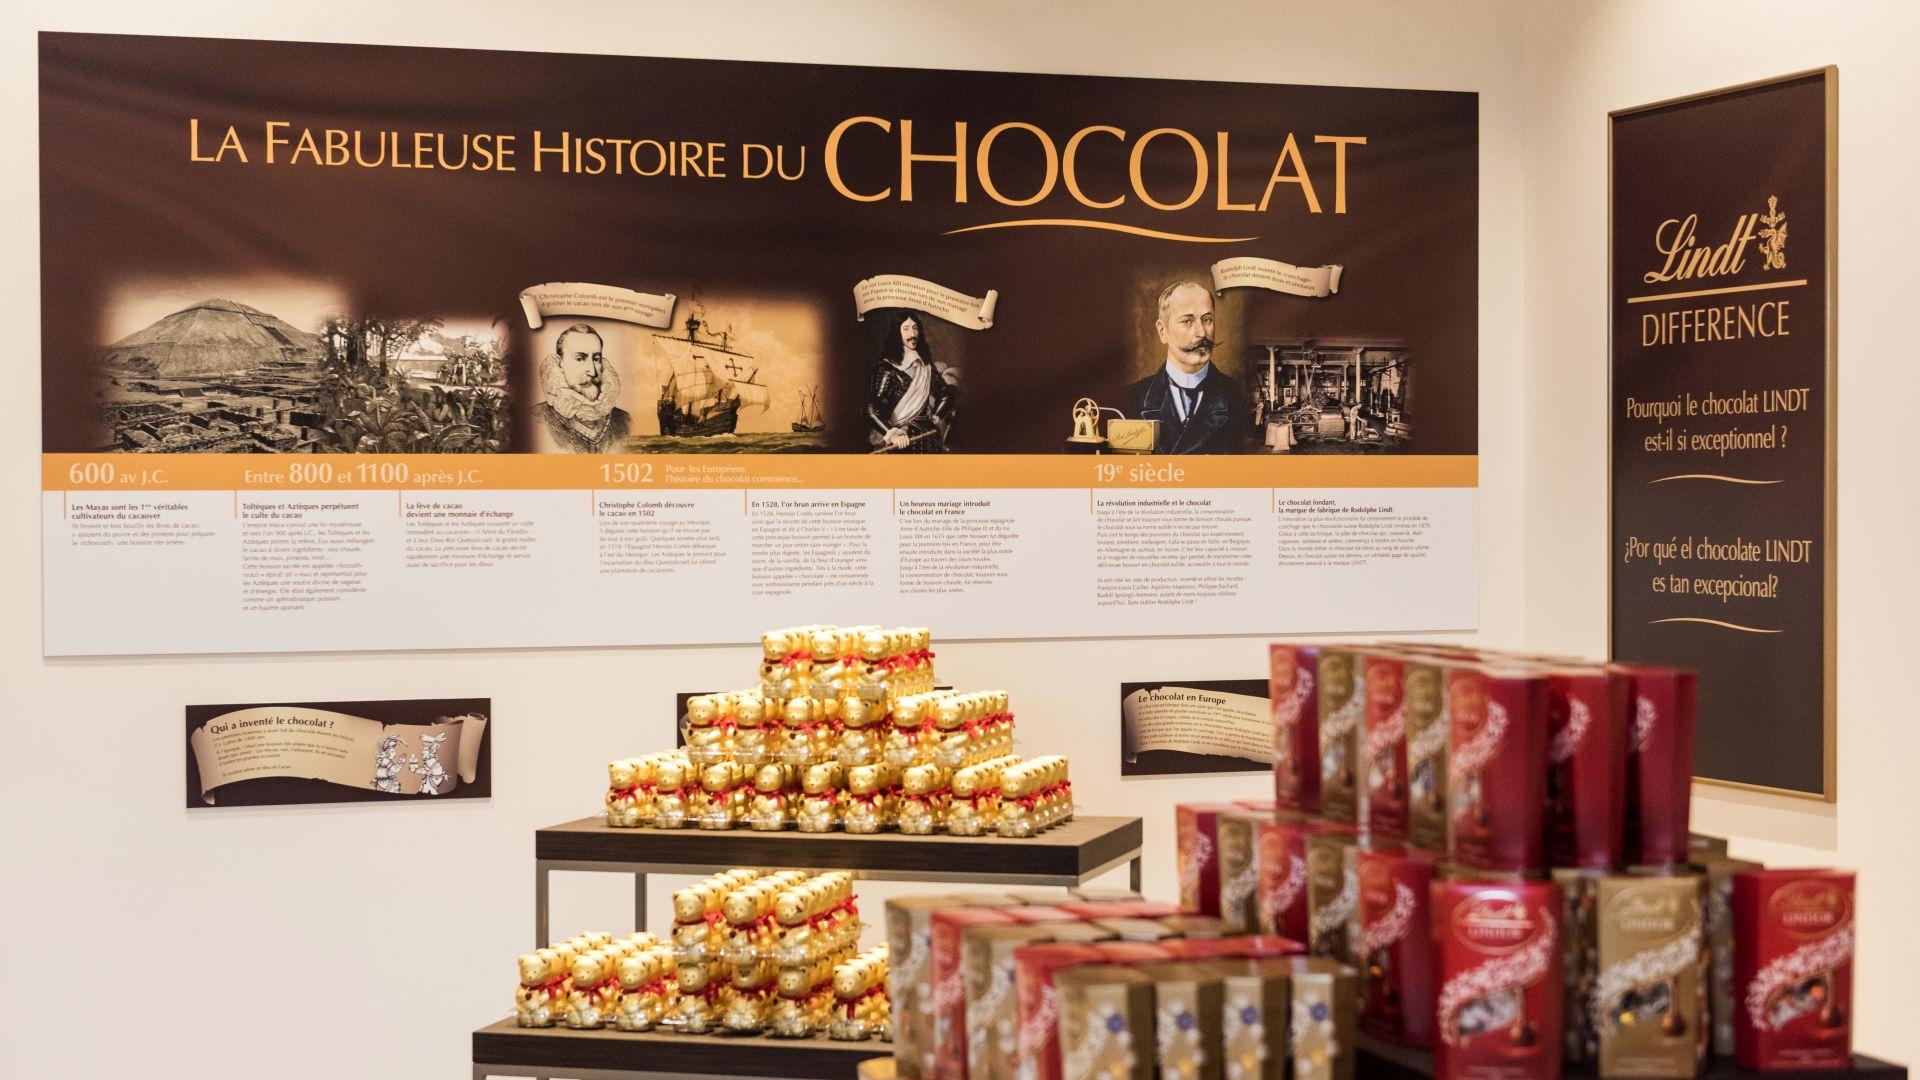 Tienda de la chocolatería Lindt en Oloron Santa-María